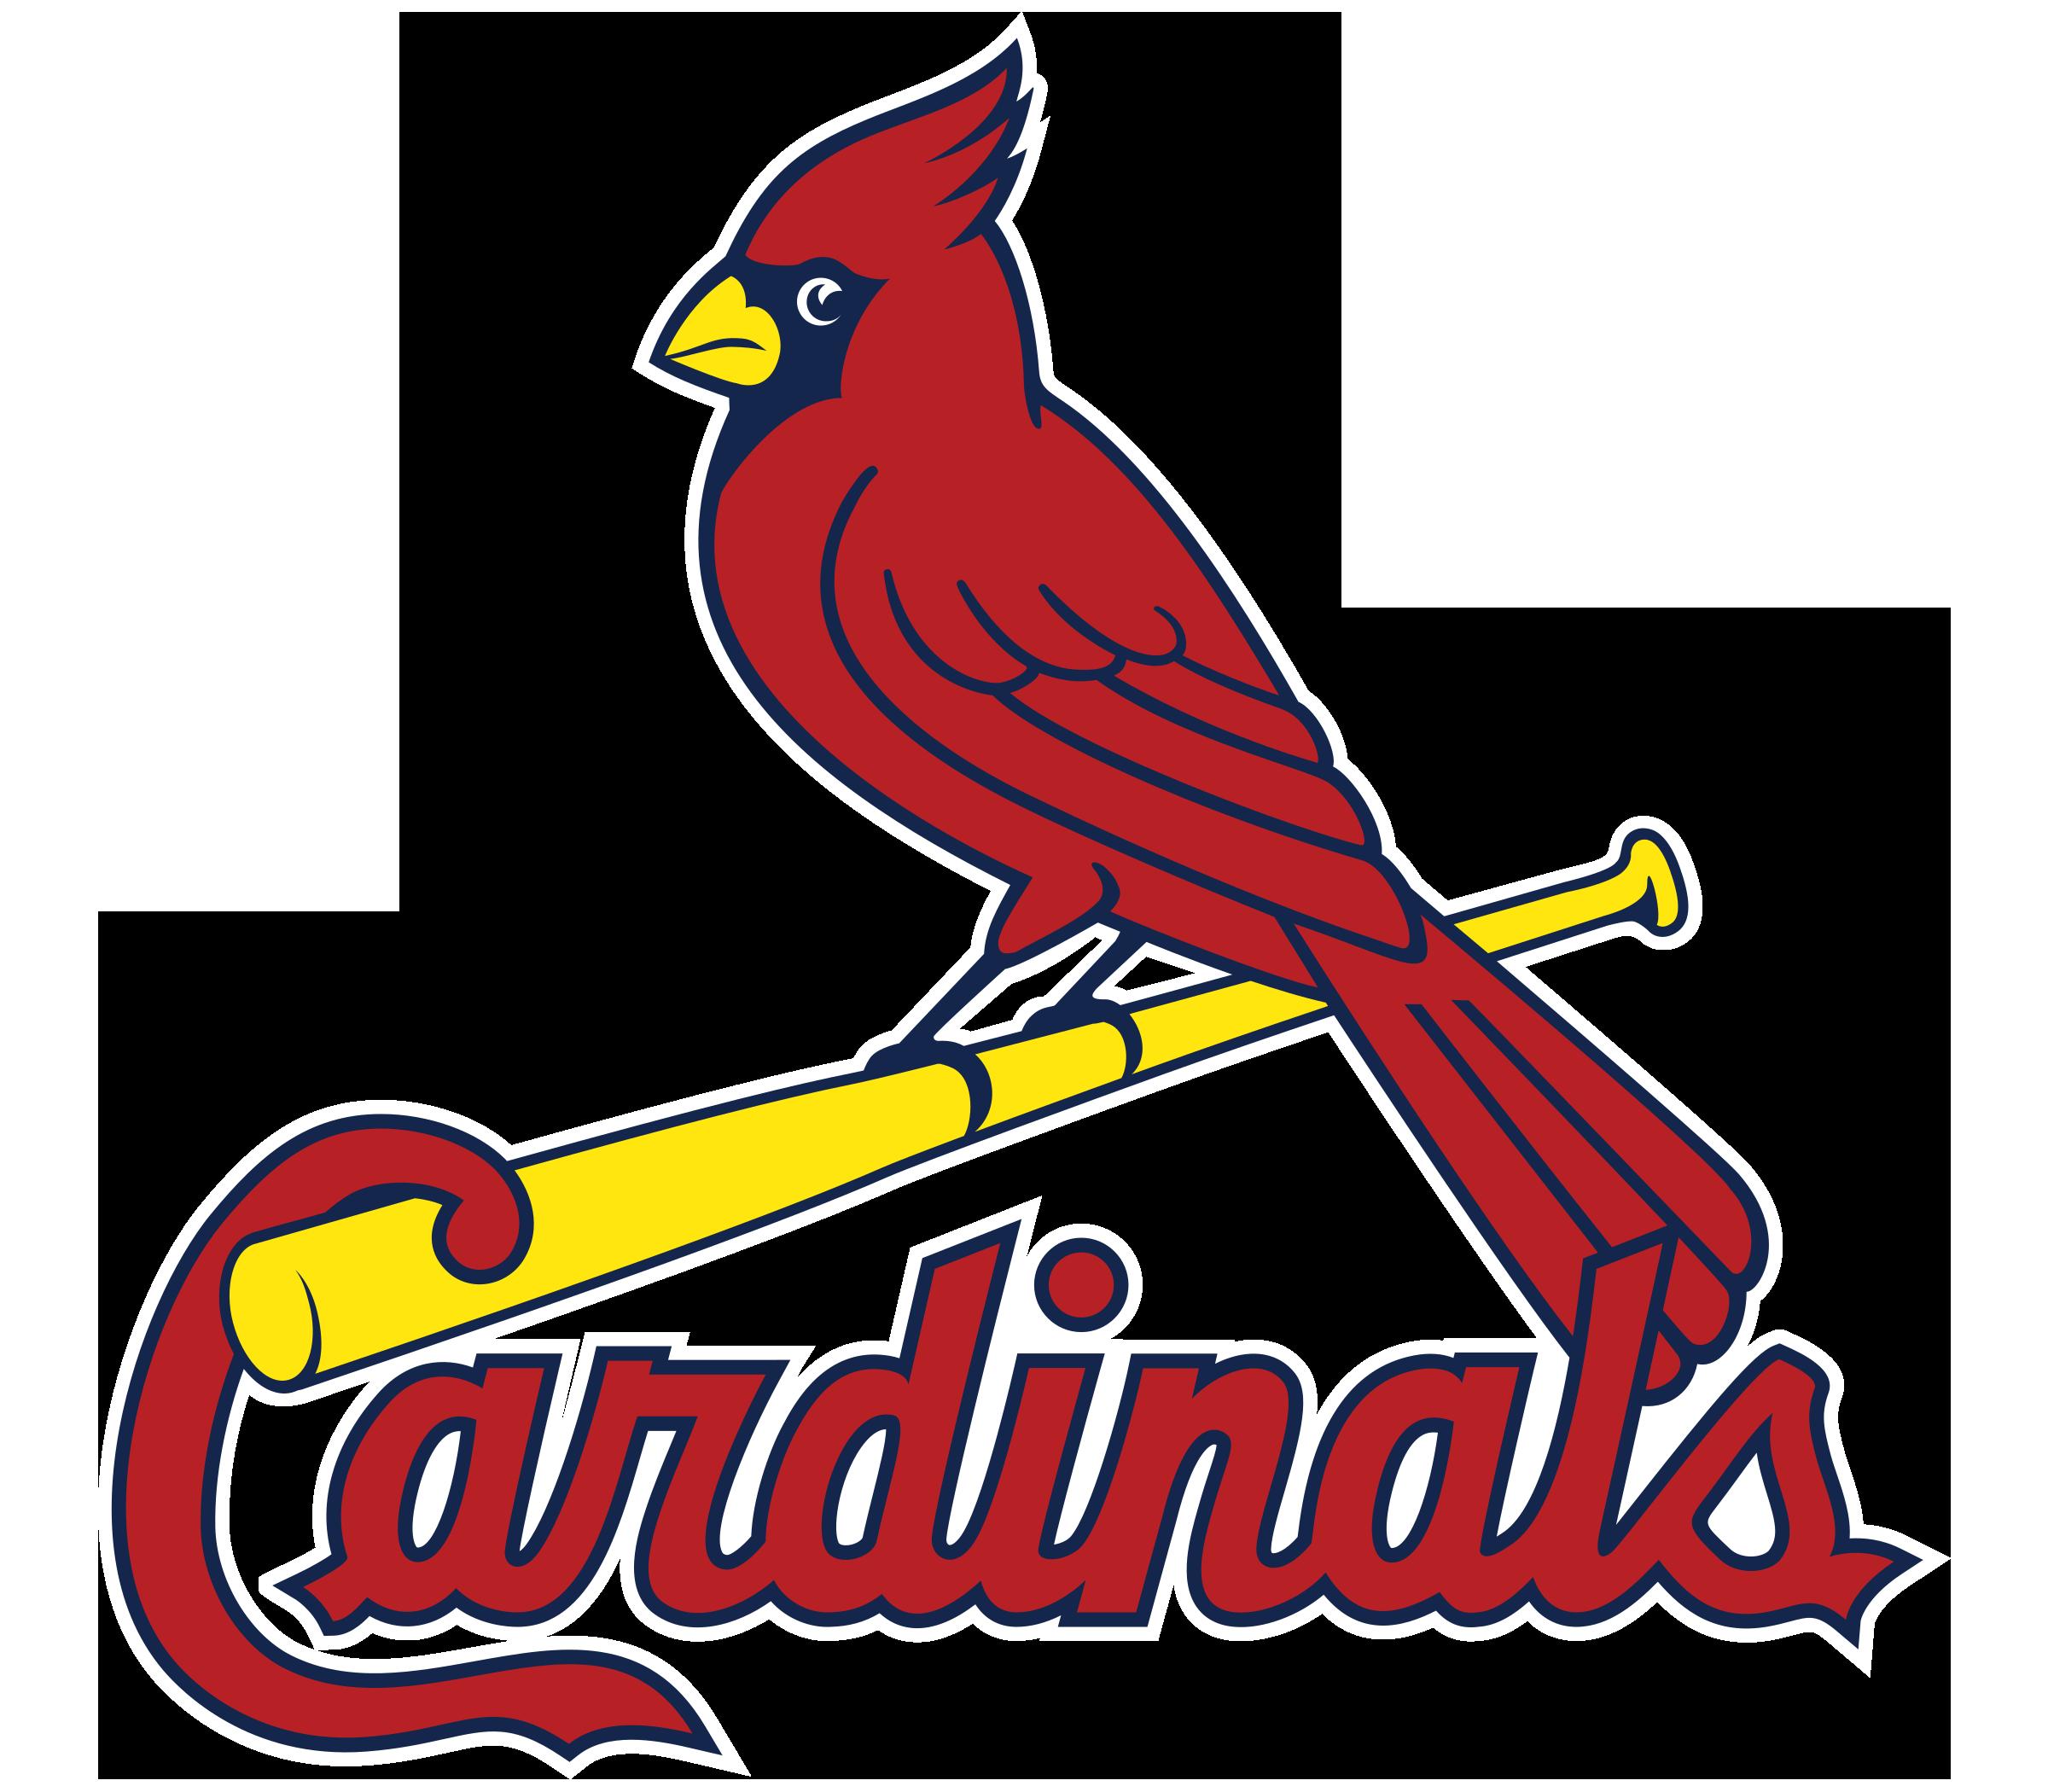 Cardinal clipart vector. St louis cardinals logo